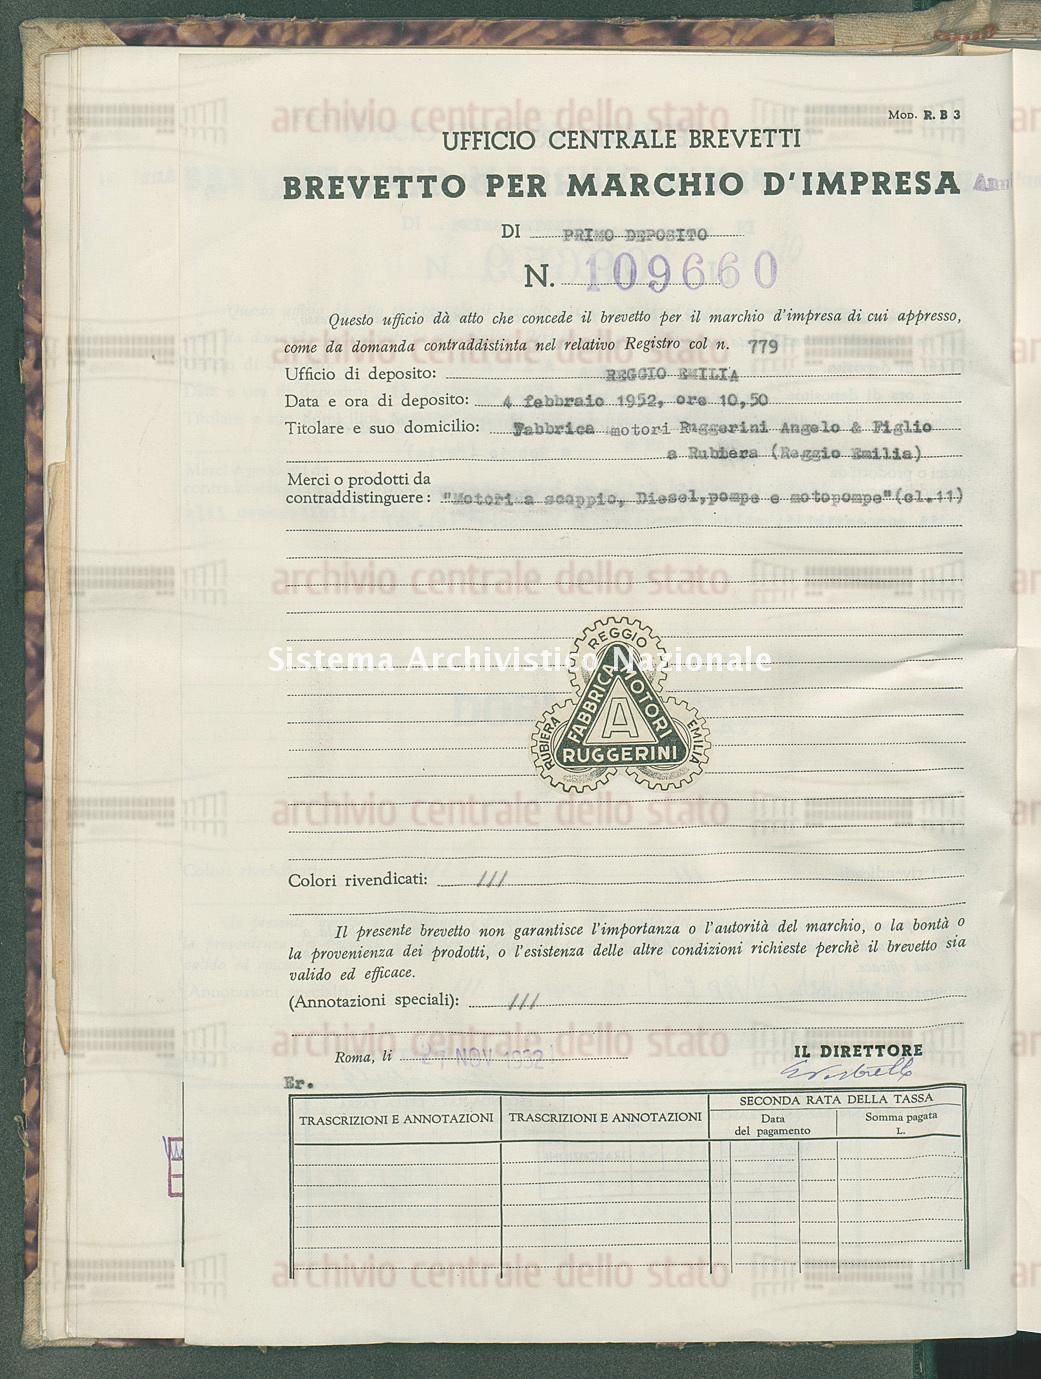 'Motori a scoppio, diesel, pompe e motopompe' Fabbrica A Scoppio, Diesel, Pompe E Motopompe (27/11/1952)